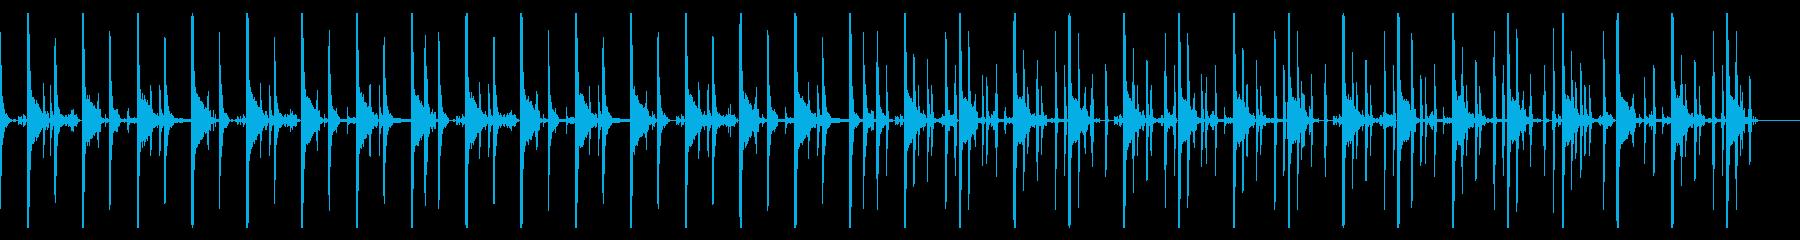 キックなし、123 BPMの再生済みの波形